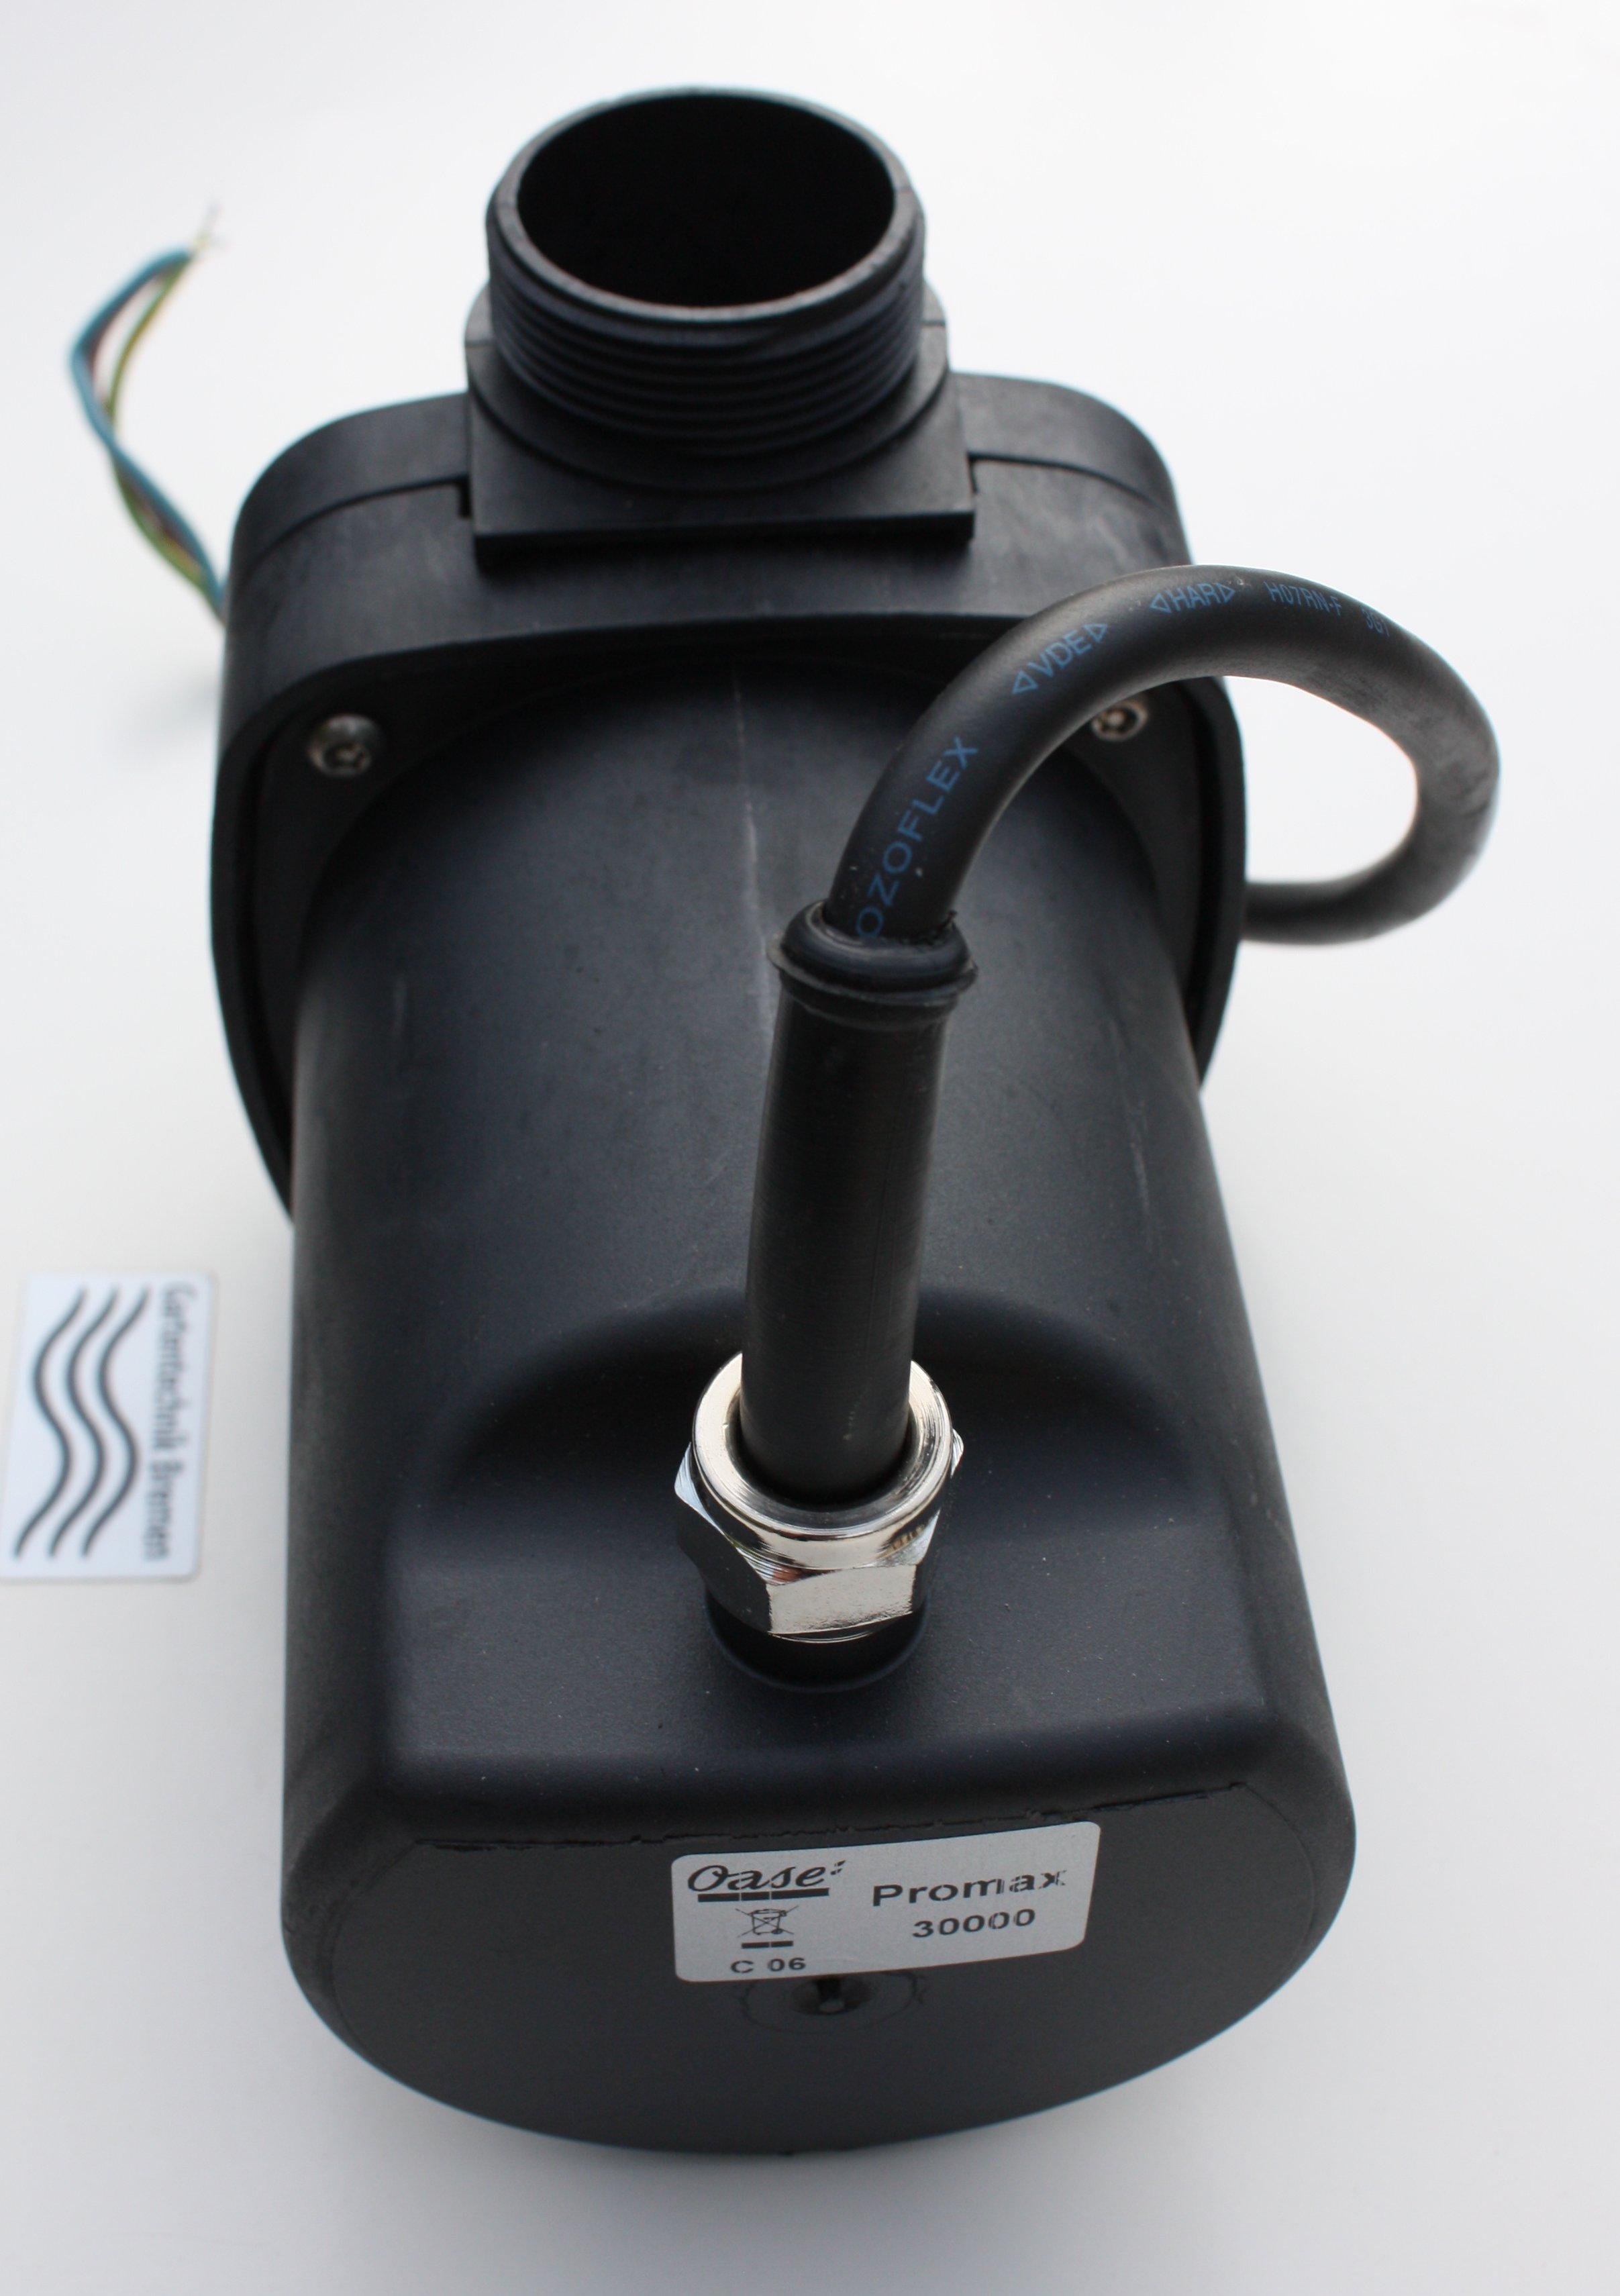 Bg pumpe promax 30000 for Oase teichpumpen shop